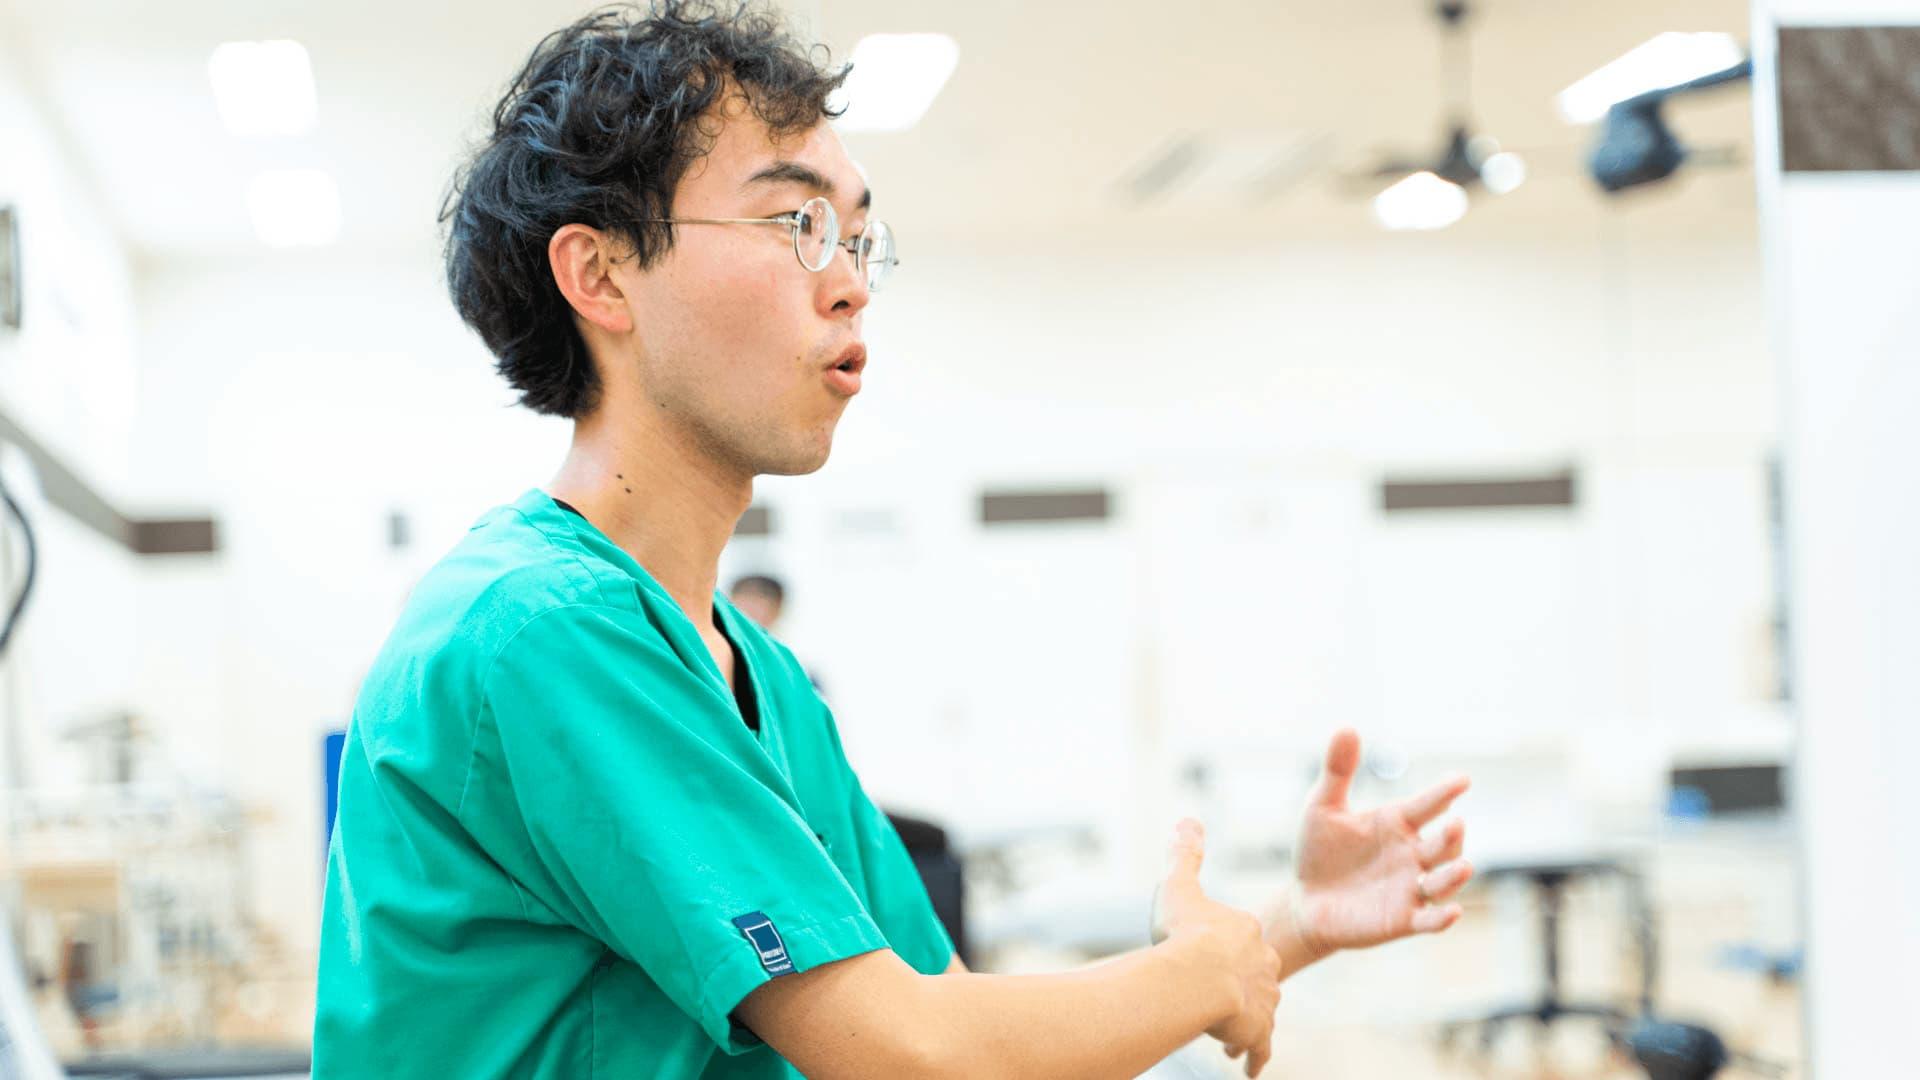 さとう整形外科クリニック理学療法士菊池和希さんにインタビューをさせていただきました。